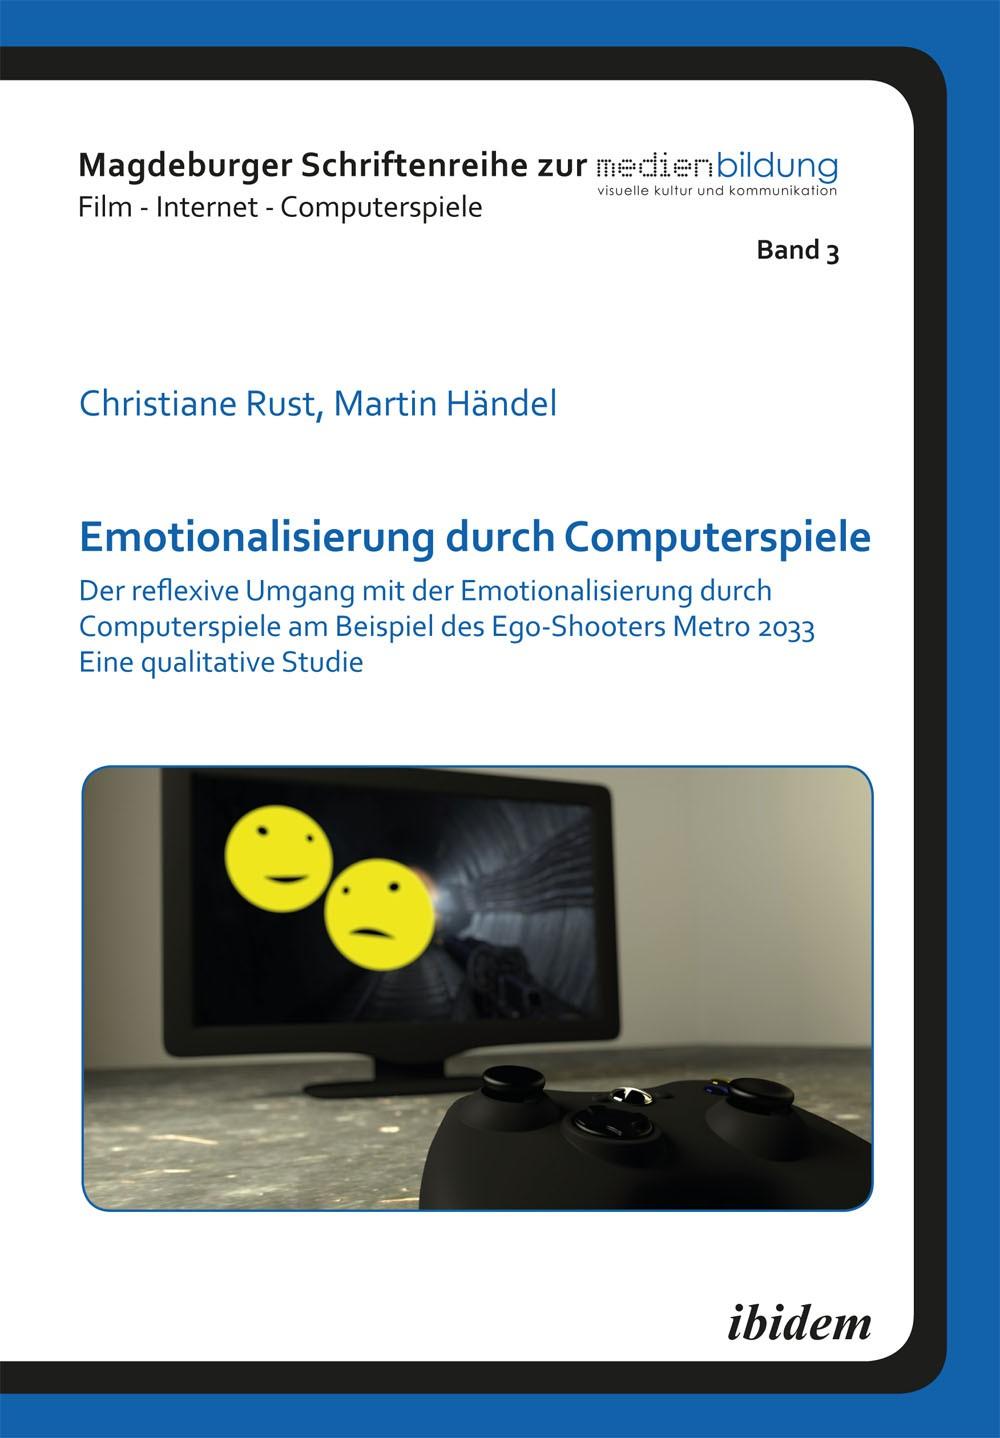 Emotionalisierung durch Computerspiele